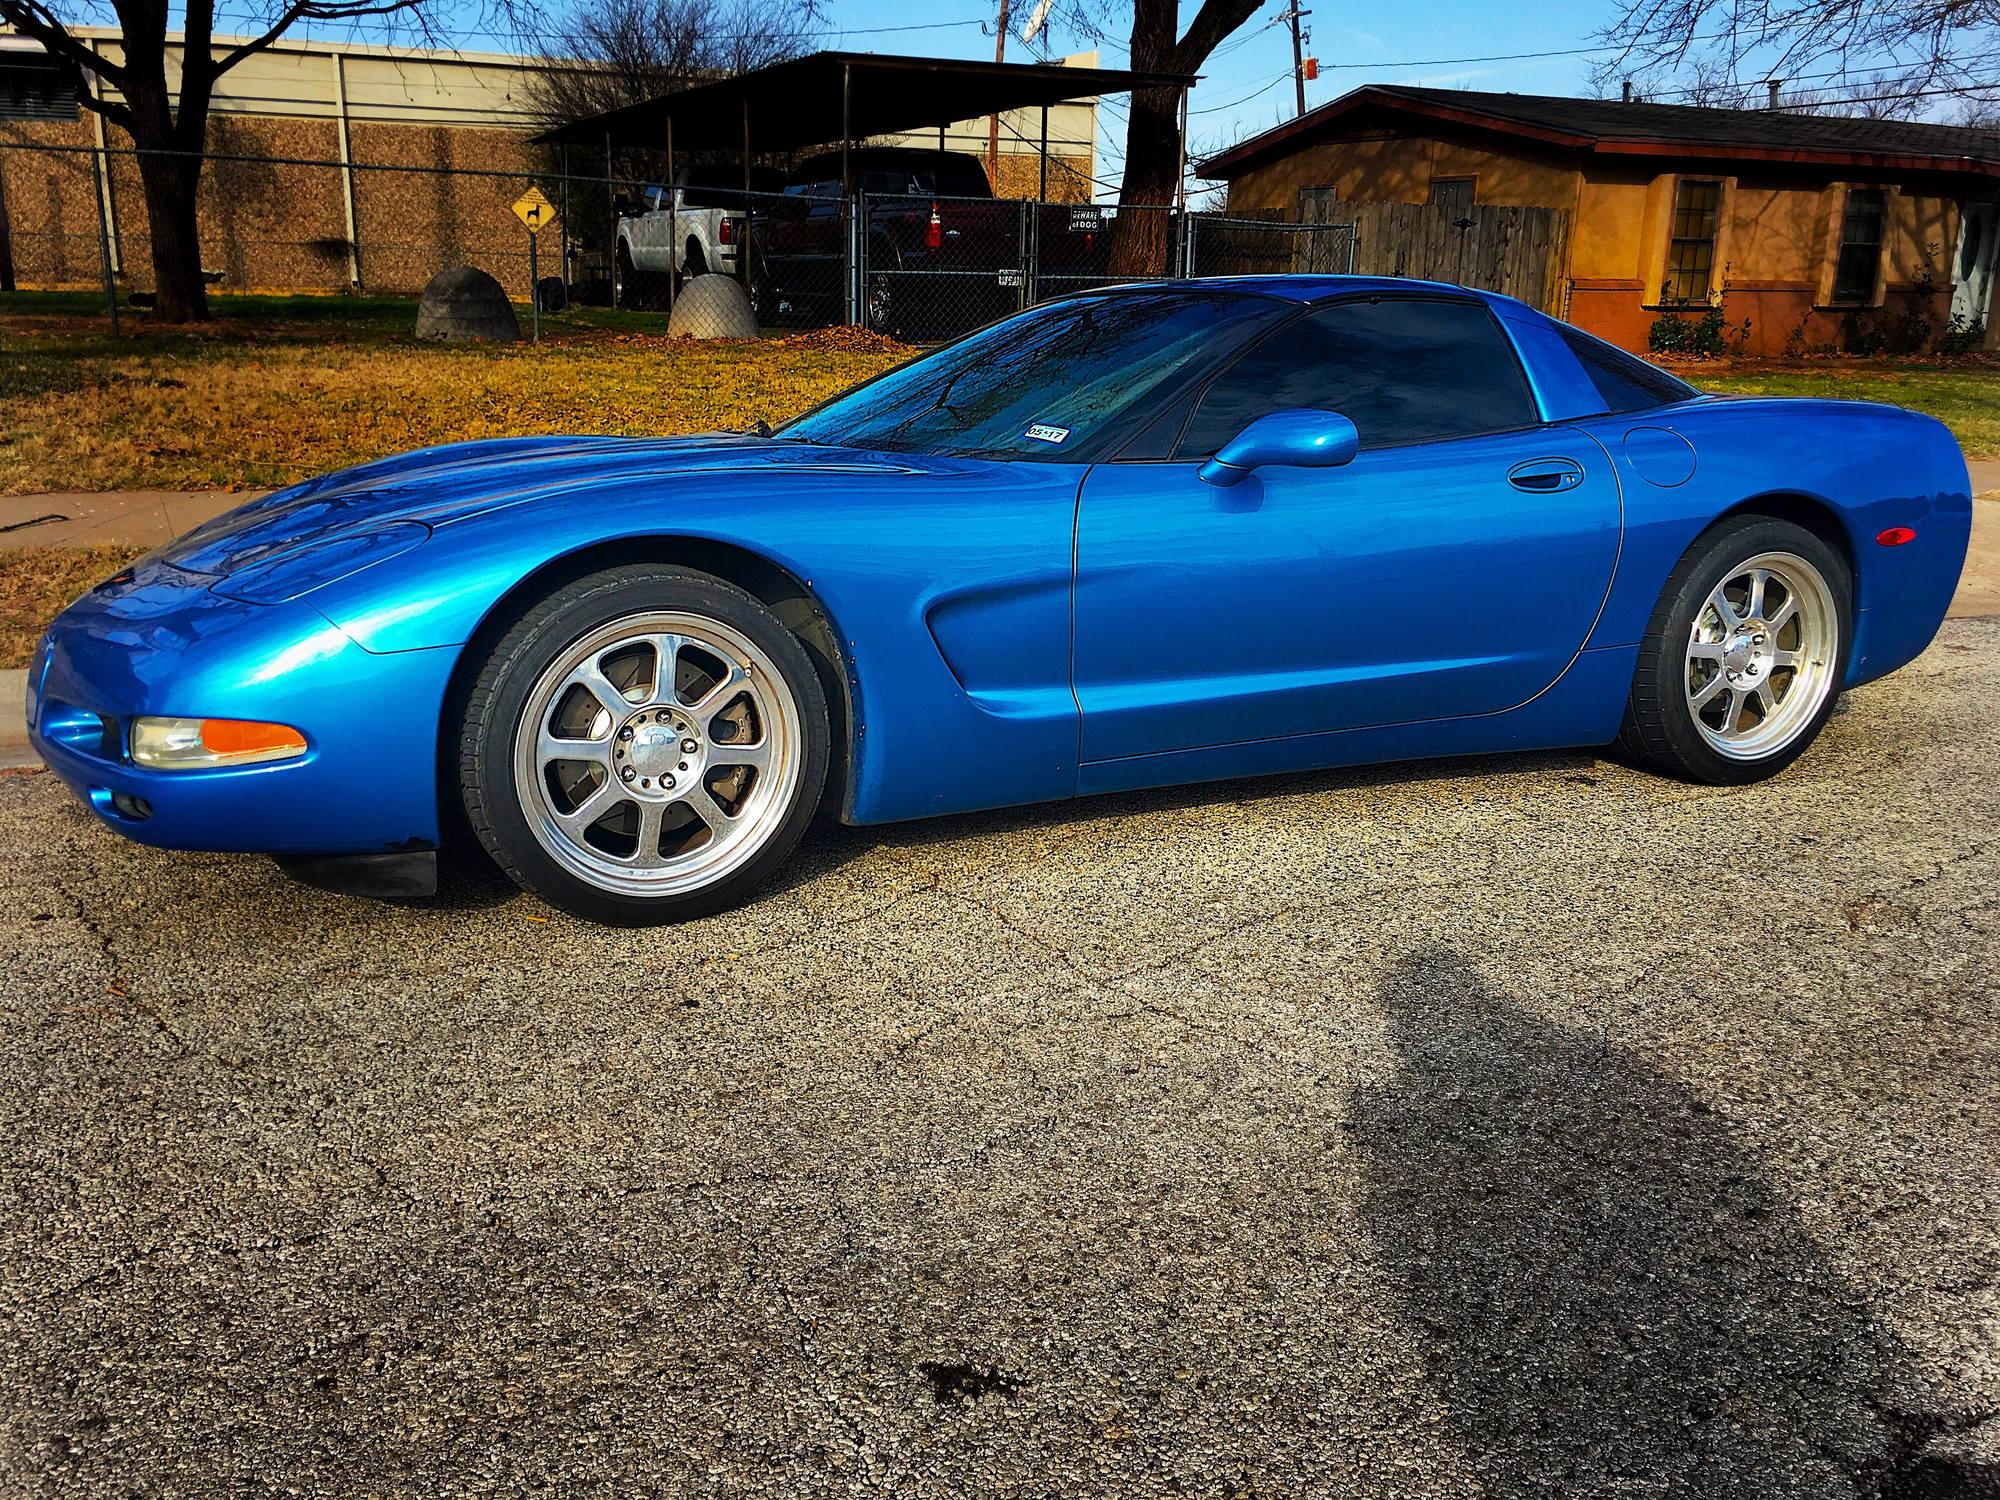 Banker099 mild build thread - CorvetteForum - Chevrolet Corvette ...